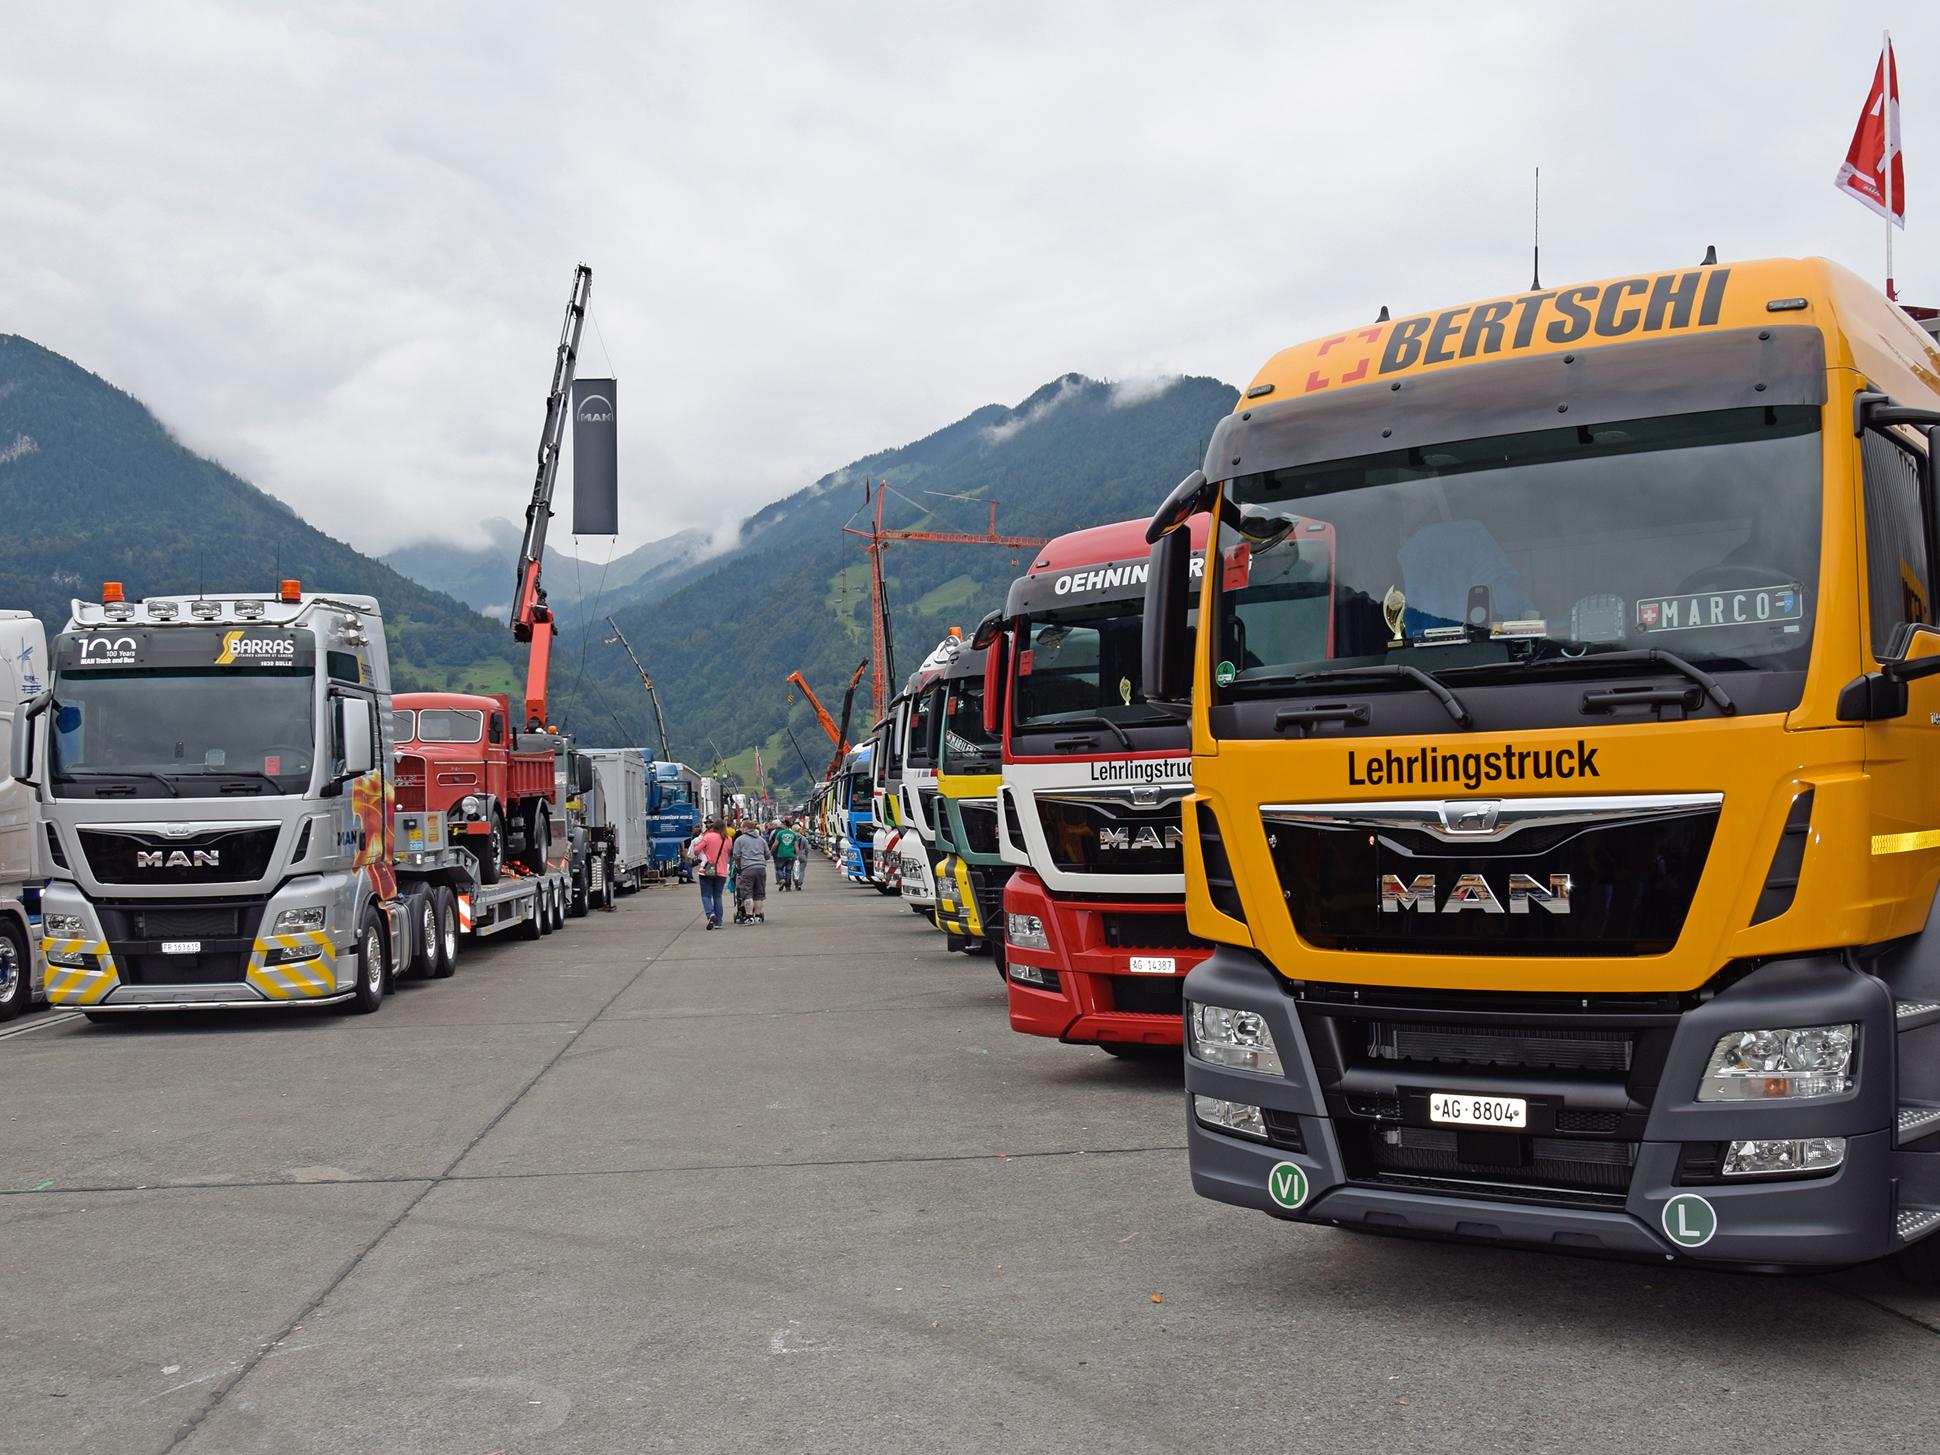 MAN-Lkw auf dem Trucker & Country Festival in Interlaken/Schweiz